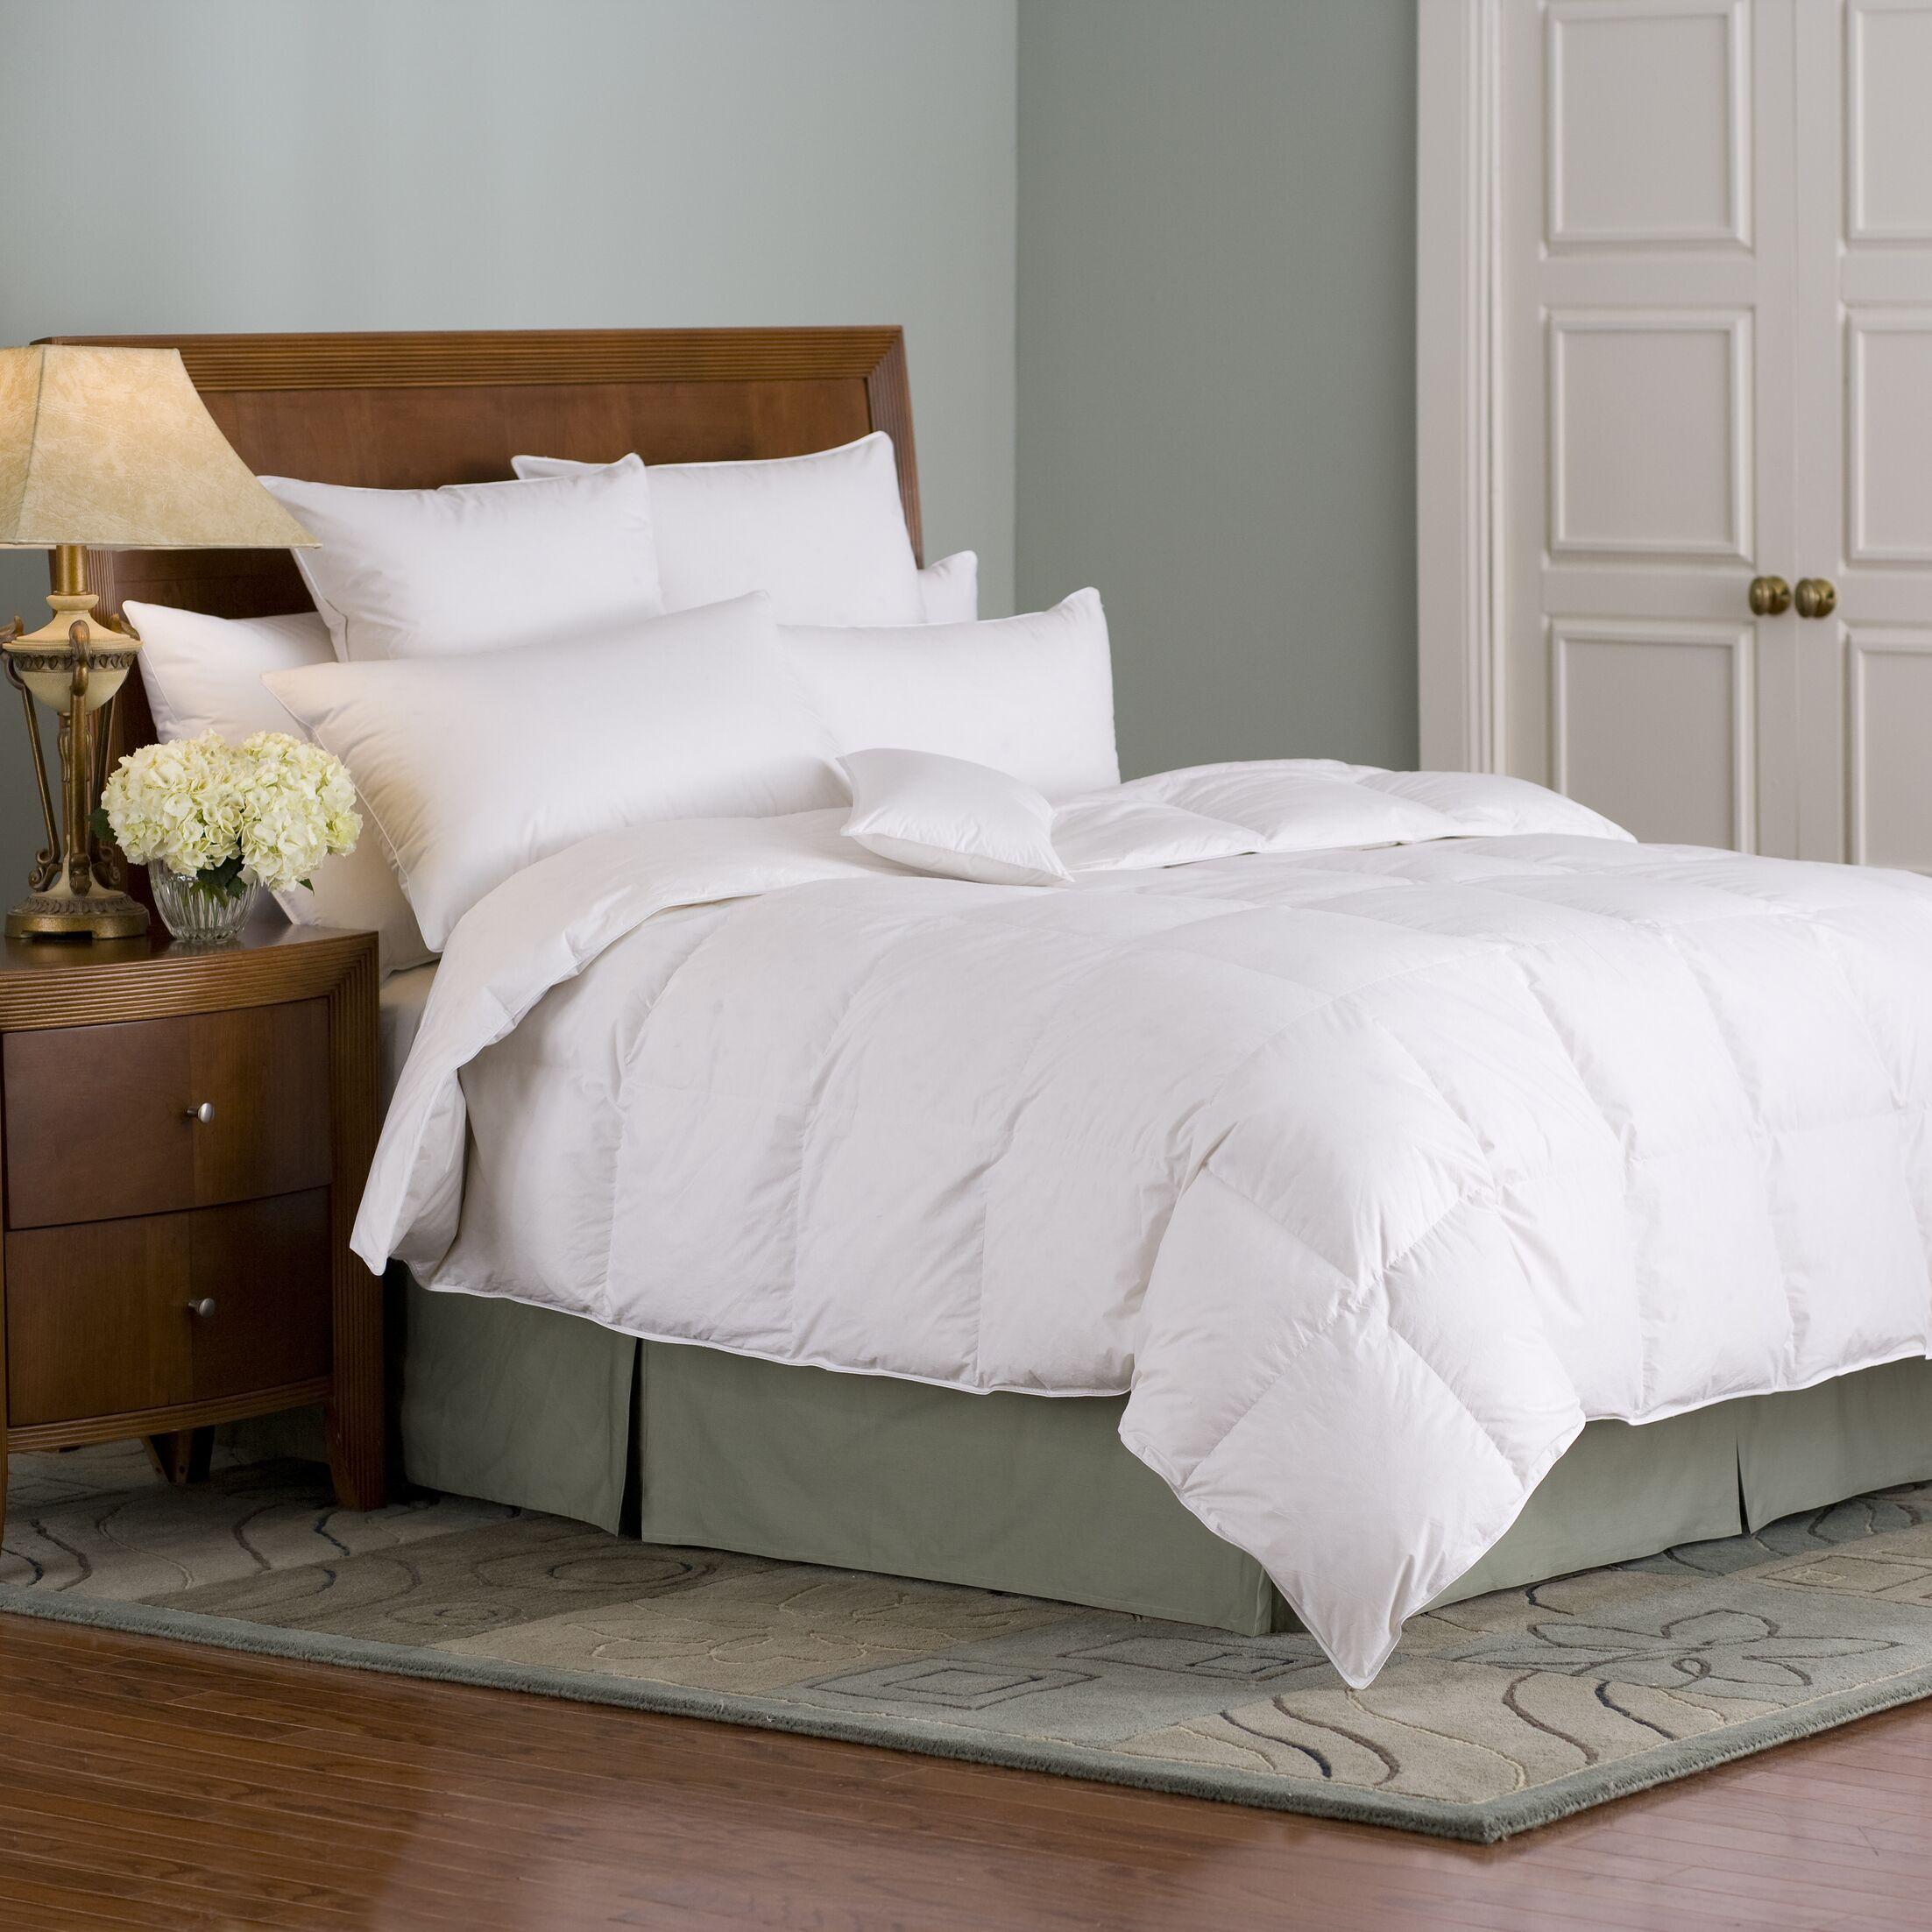 Organa All Season Down Comforter Size: Queen